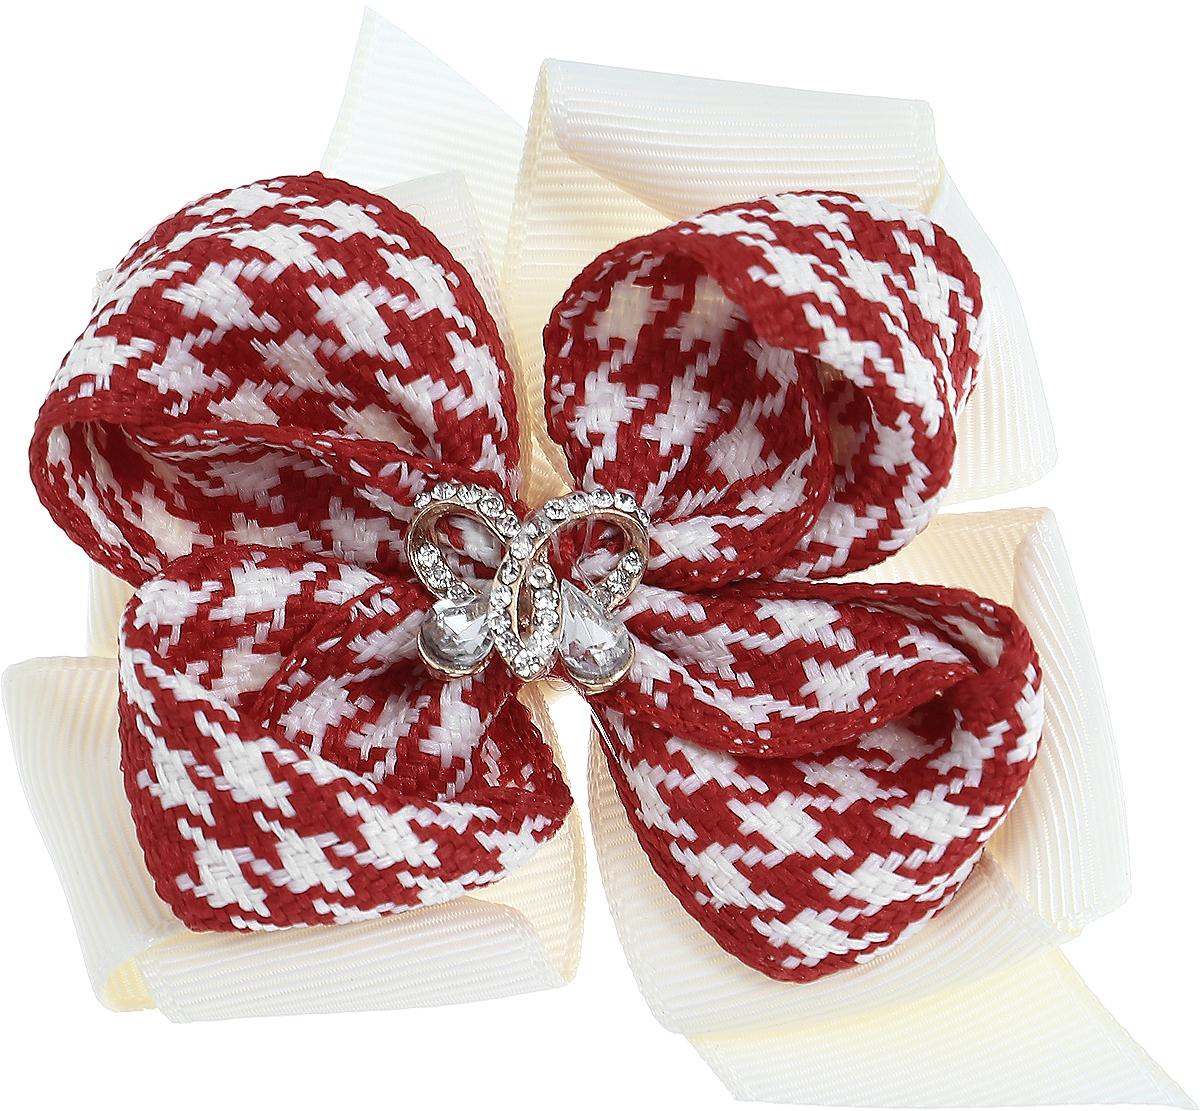 Baby's Joy Резинка для волос цвет молочный красный белый K 7 K 7_молочный, красный, белый